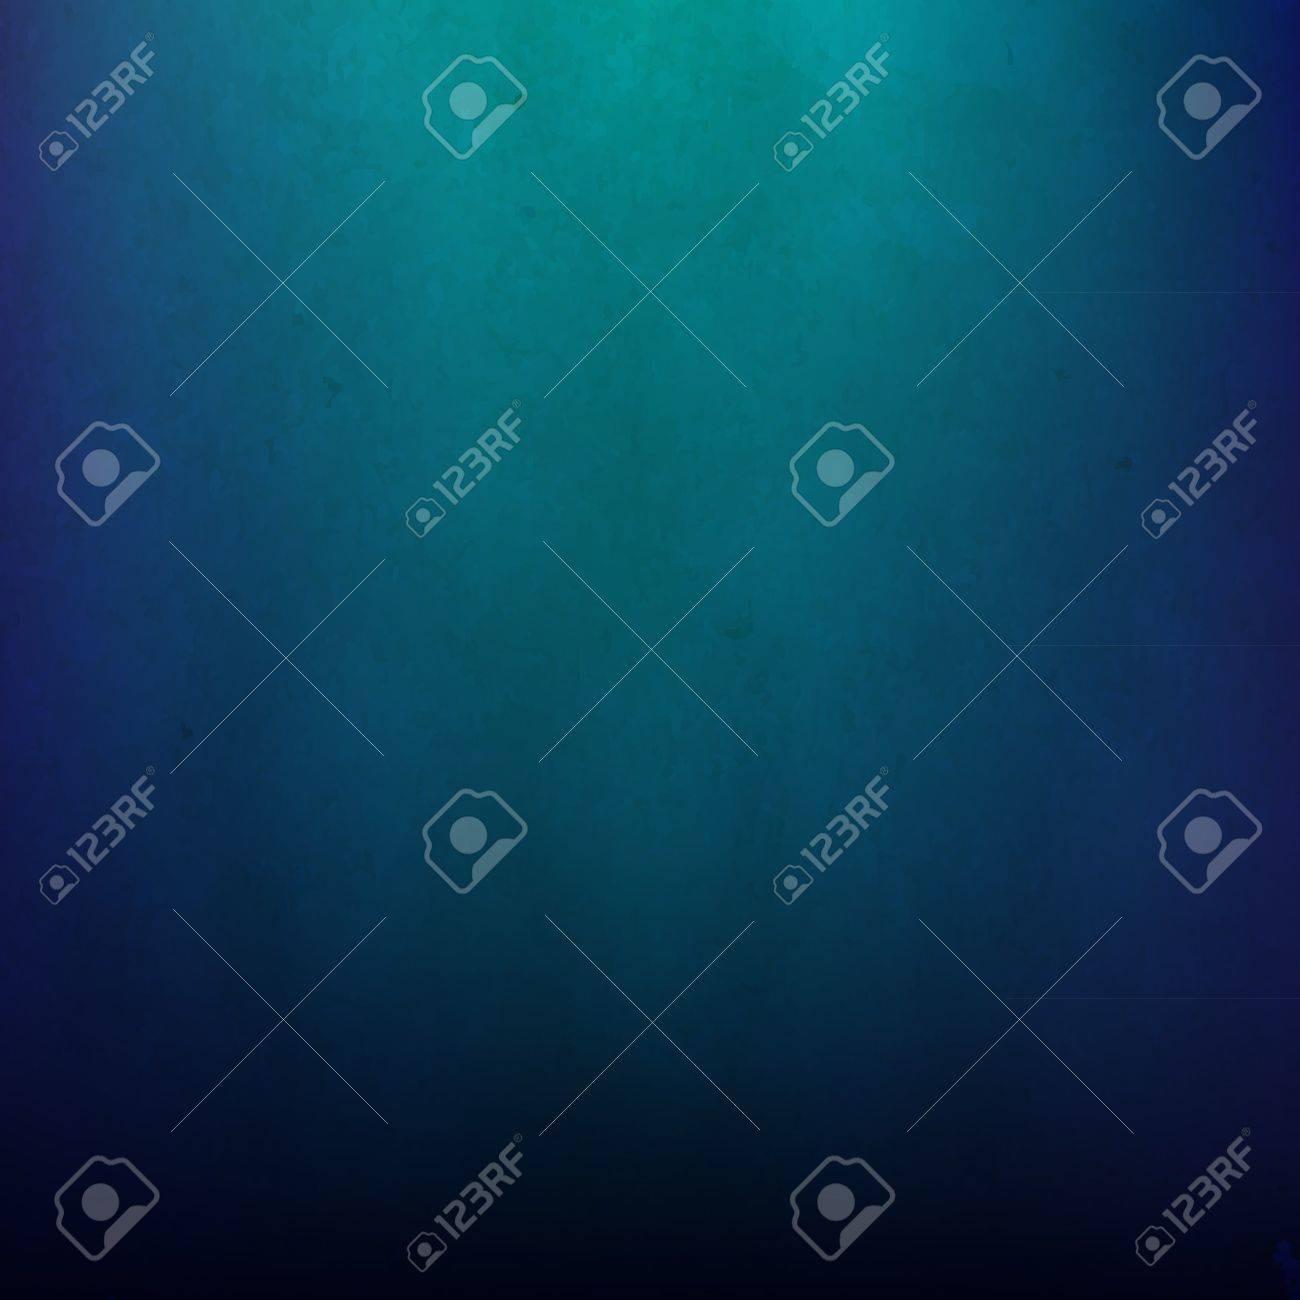 Dark Blue Grunge Background Texture, Illustration - 15790280